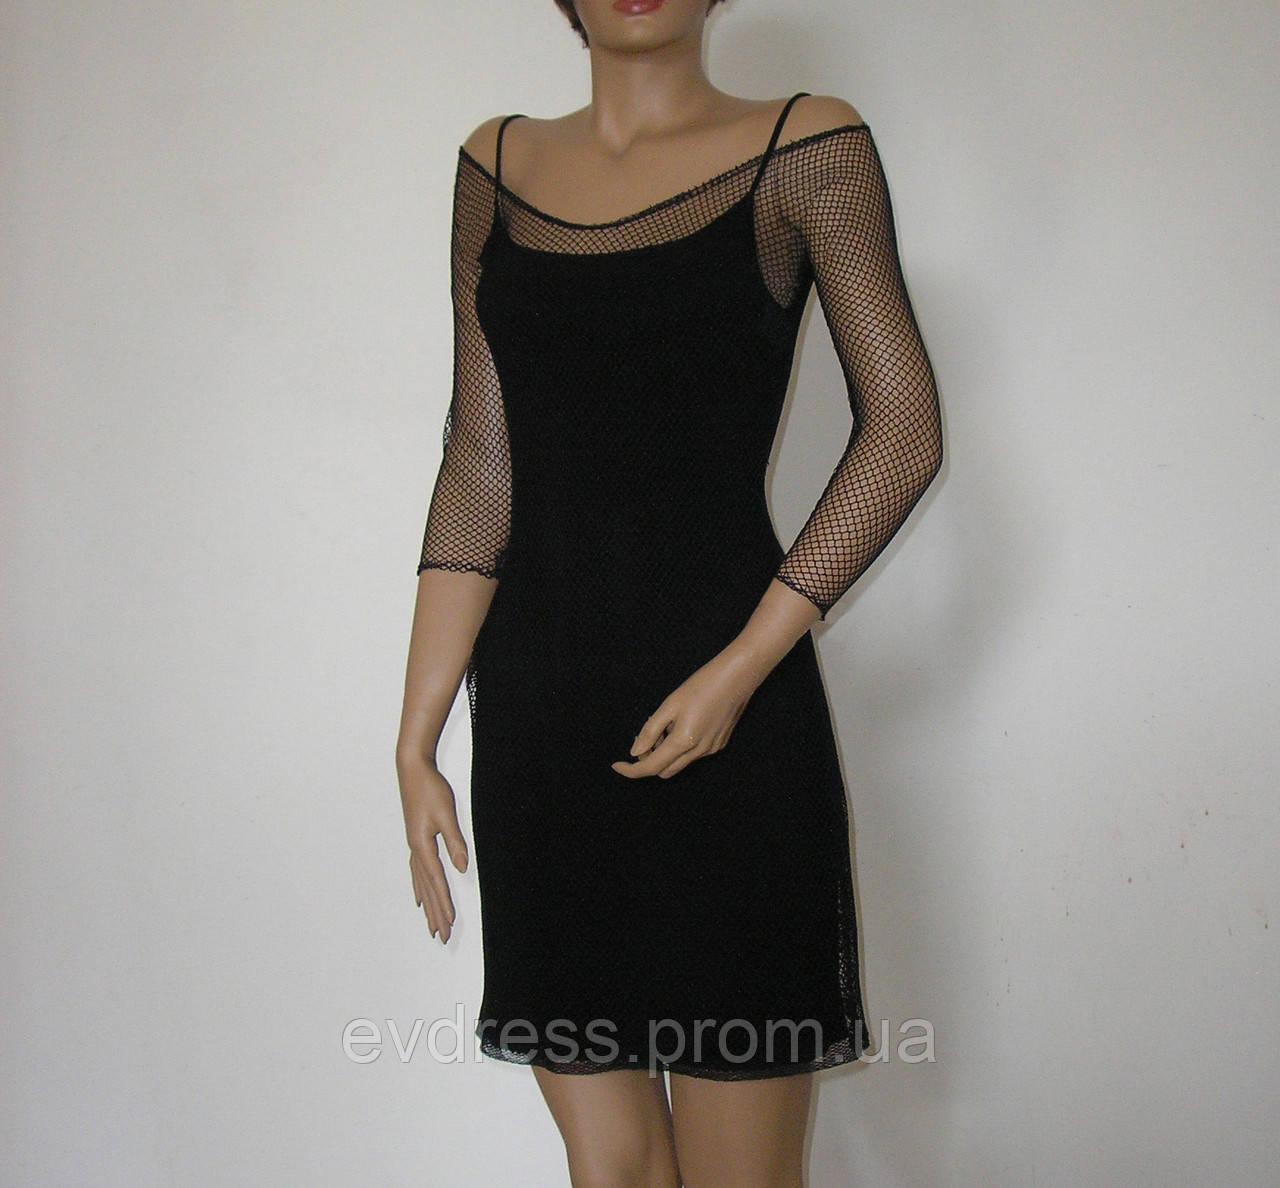 4f443c7d80a Вечернее миди платье в сетку с рукавами на эластичной подкладке из каталога маленькое  черное платье DM-5528